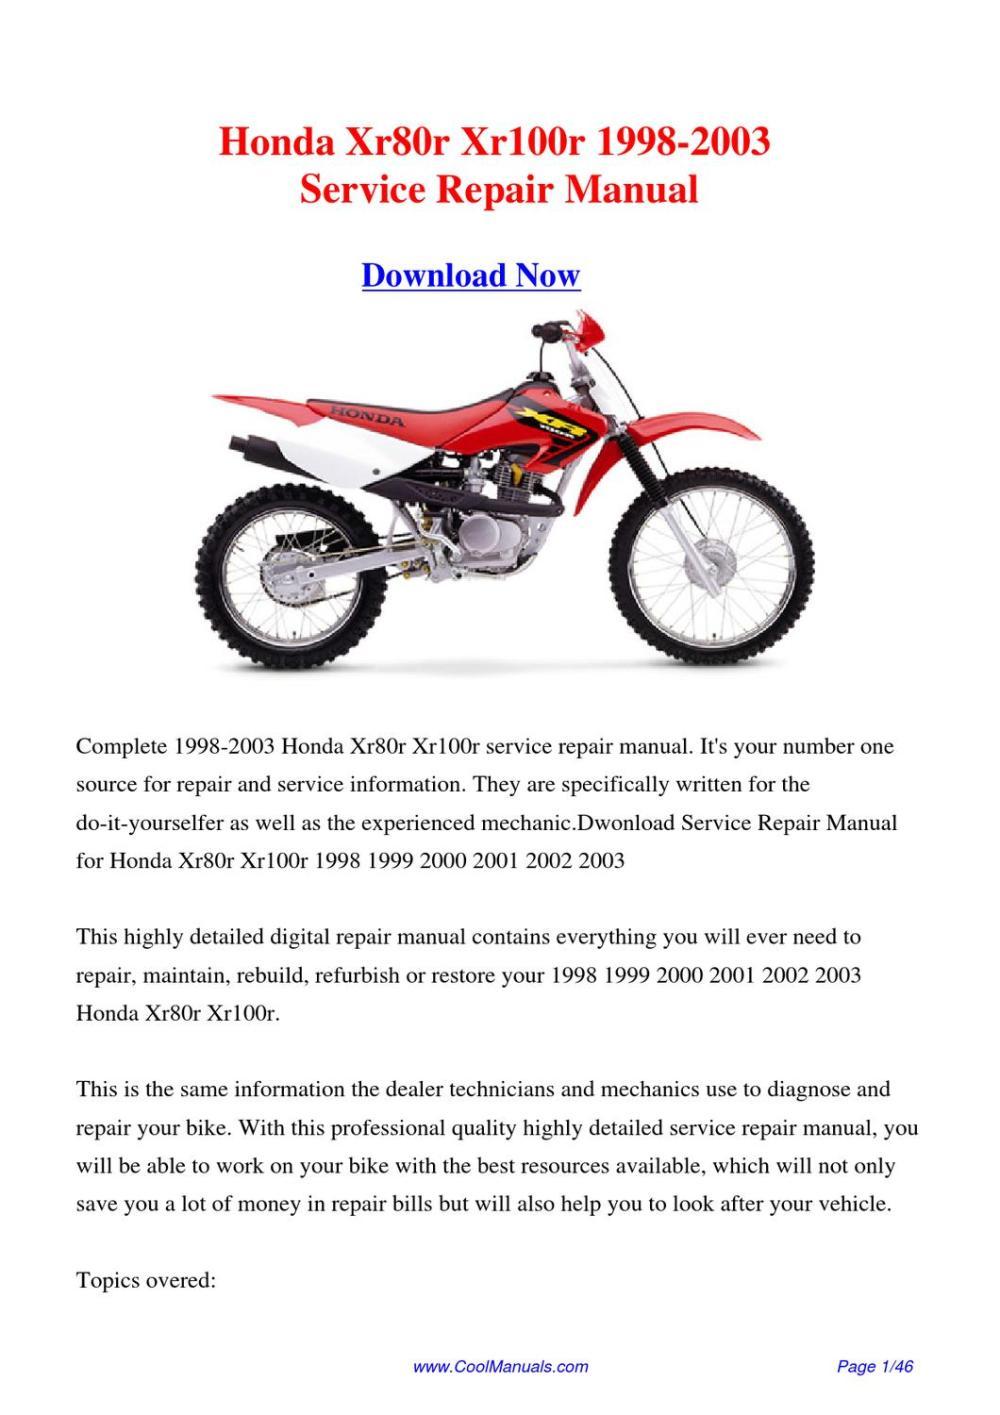 medium resolution of  2002 1996 honda xr100r free manual on 2002 honda xr 650 2002 honda crf 150f